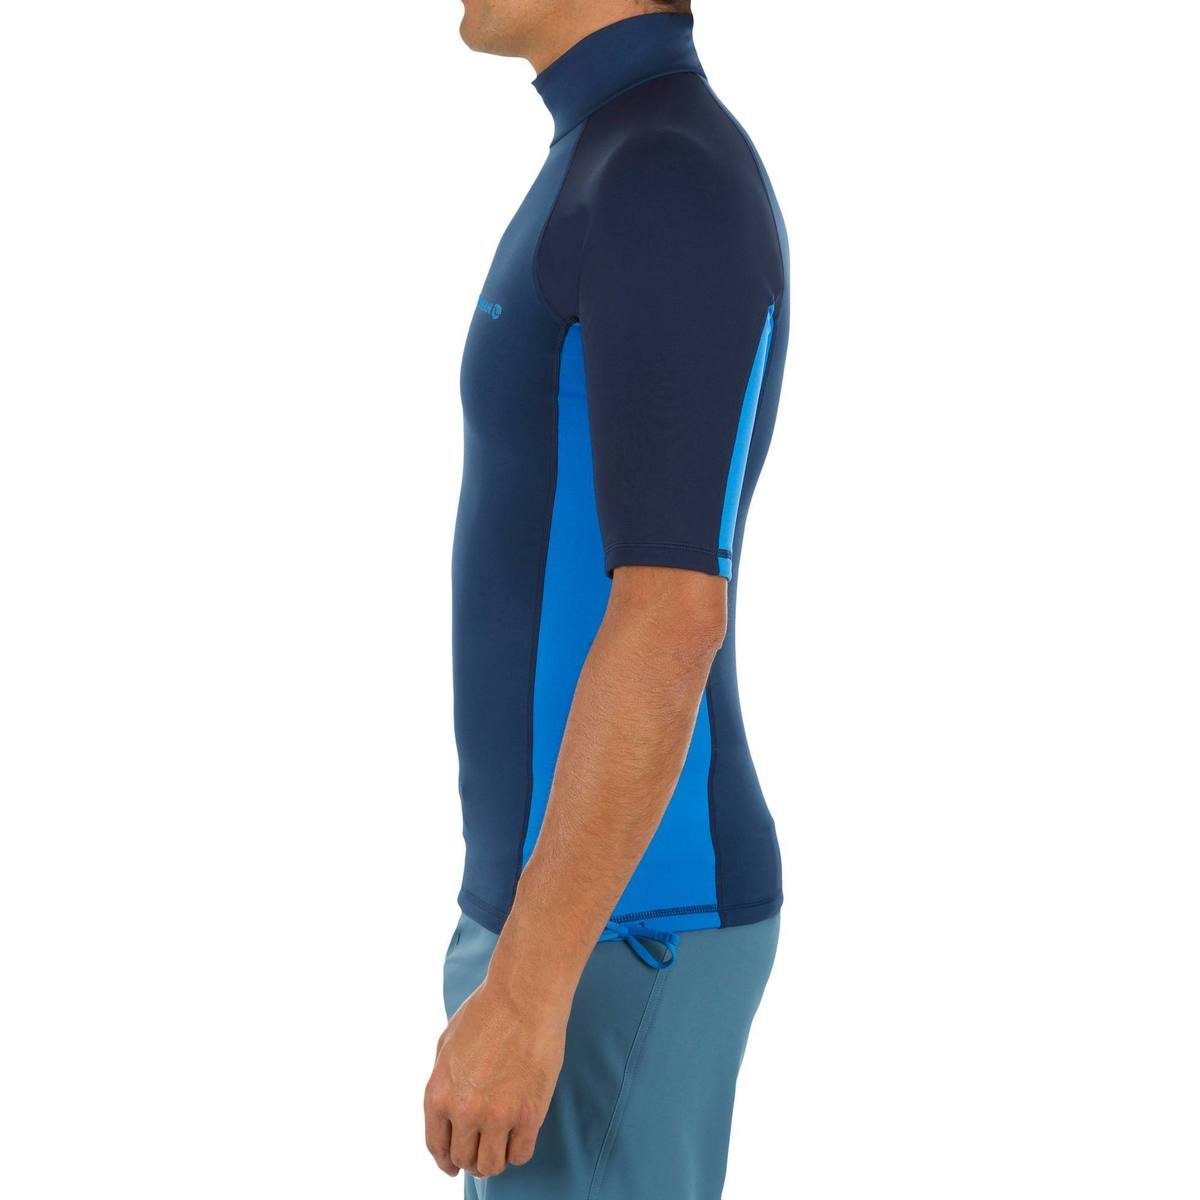 Bild 3 von Thermo-Shirt kurzarm UV-Schutz 900 Fleece Herren blau